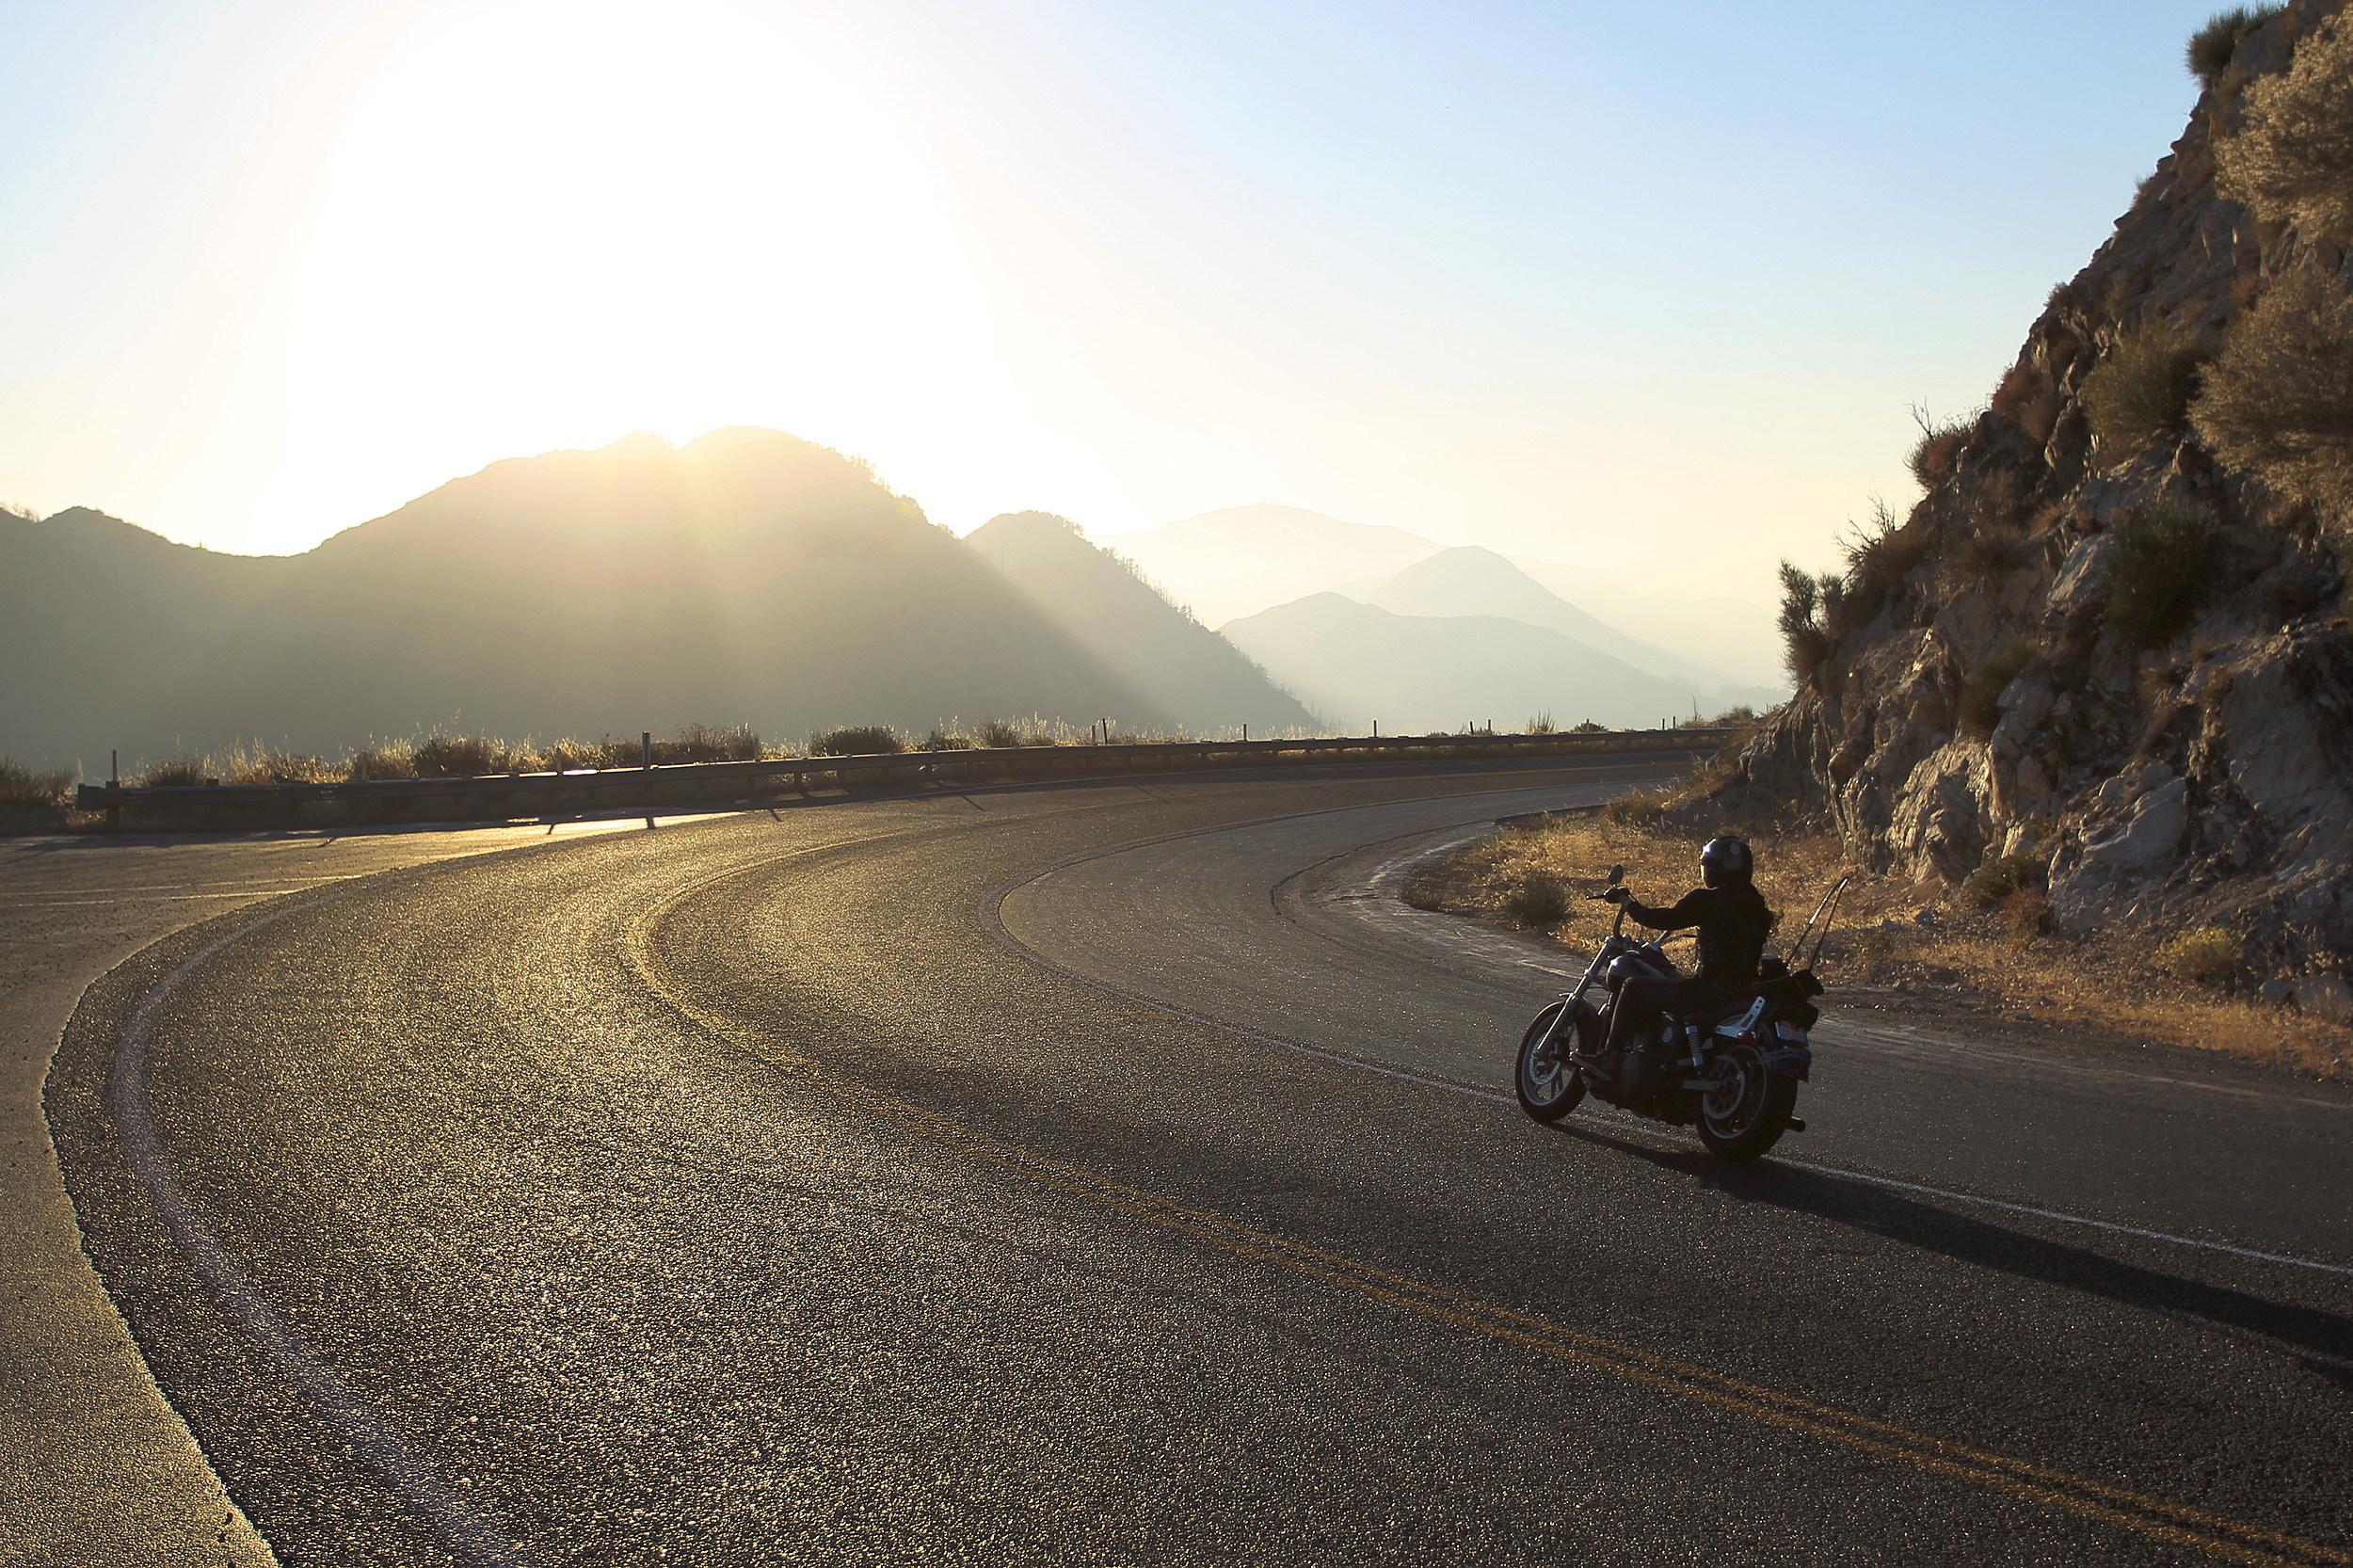 El Paso area benefit bike runs